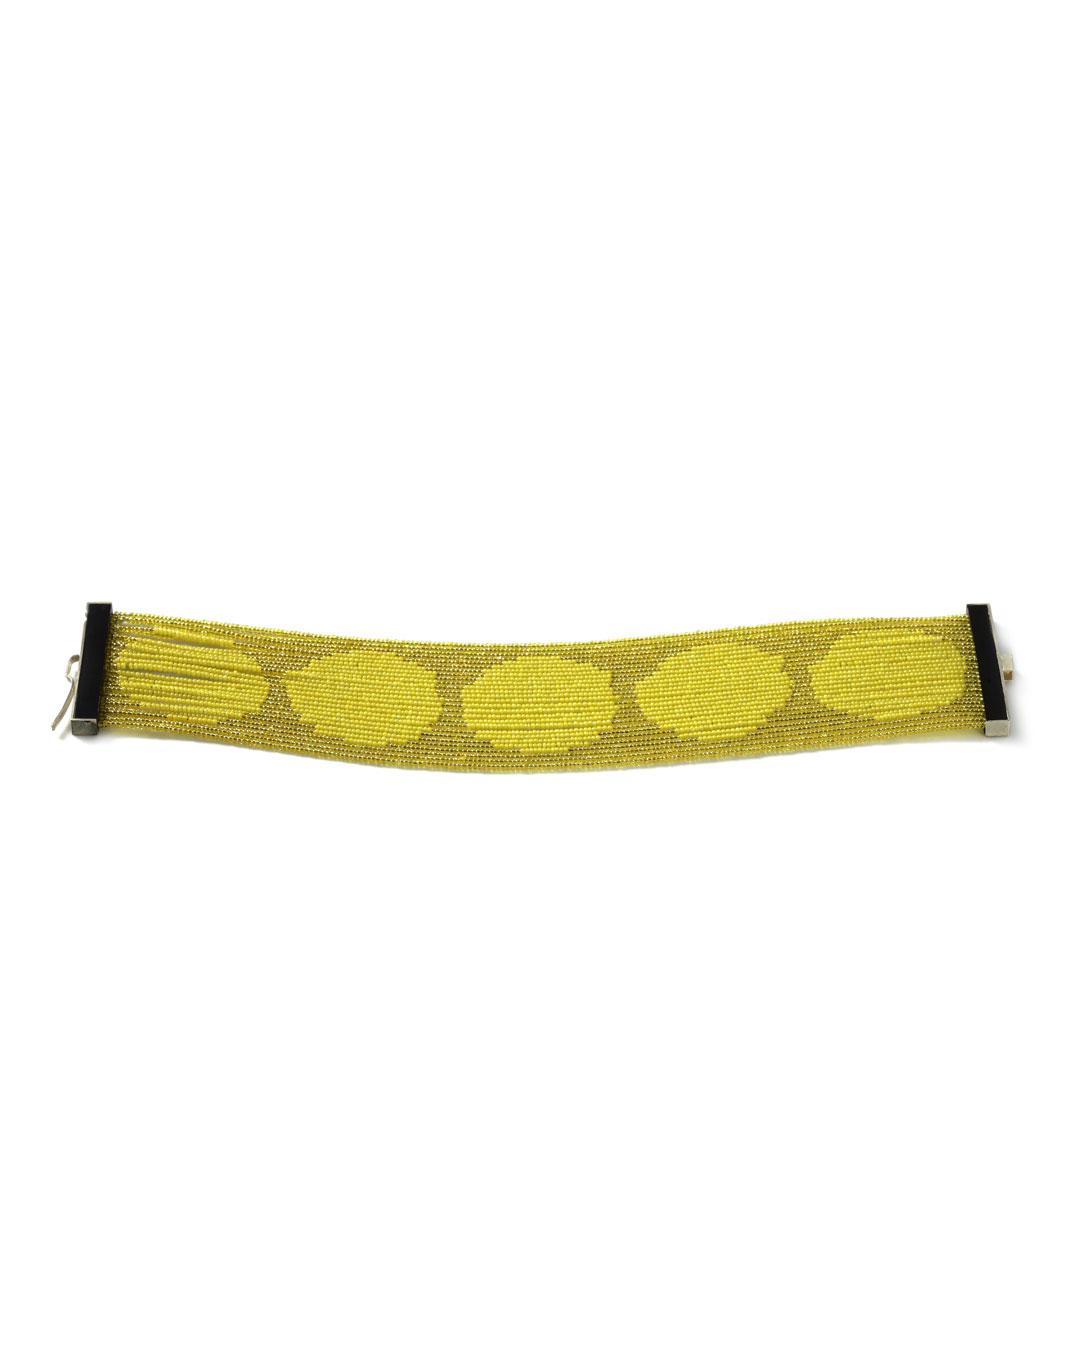 Julie Mollenhauer, untitled, 2012, bracelet; glass beads, horn, gold, 40 x 190 x 4 mm, €2520